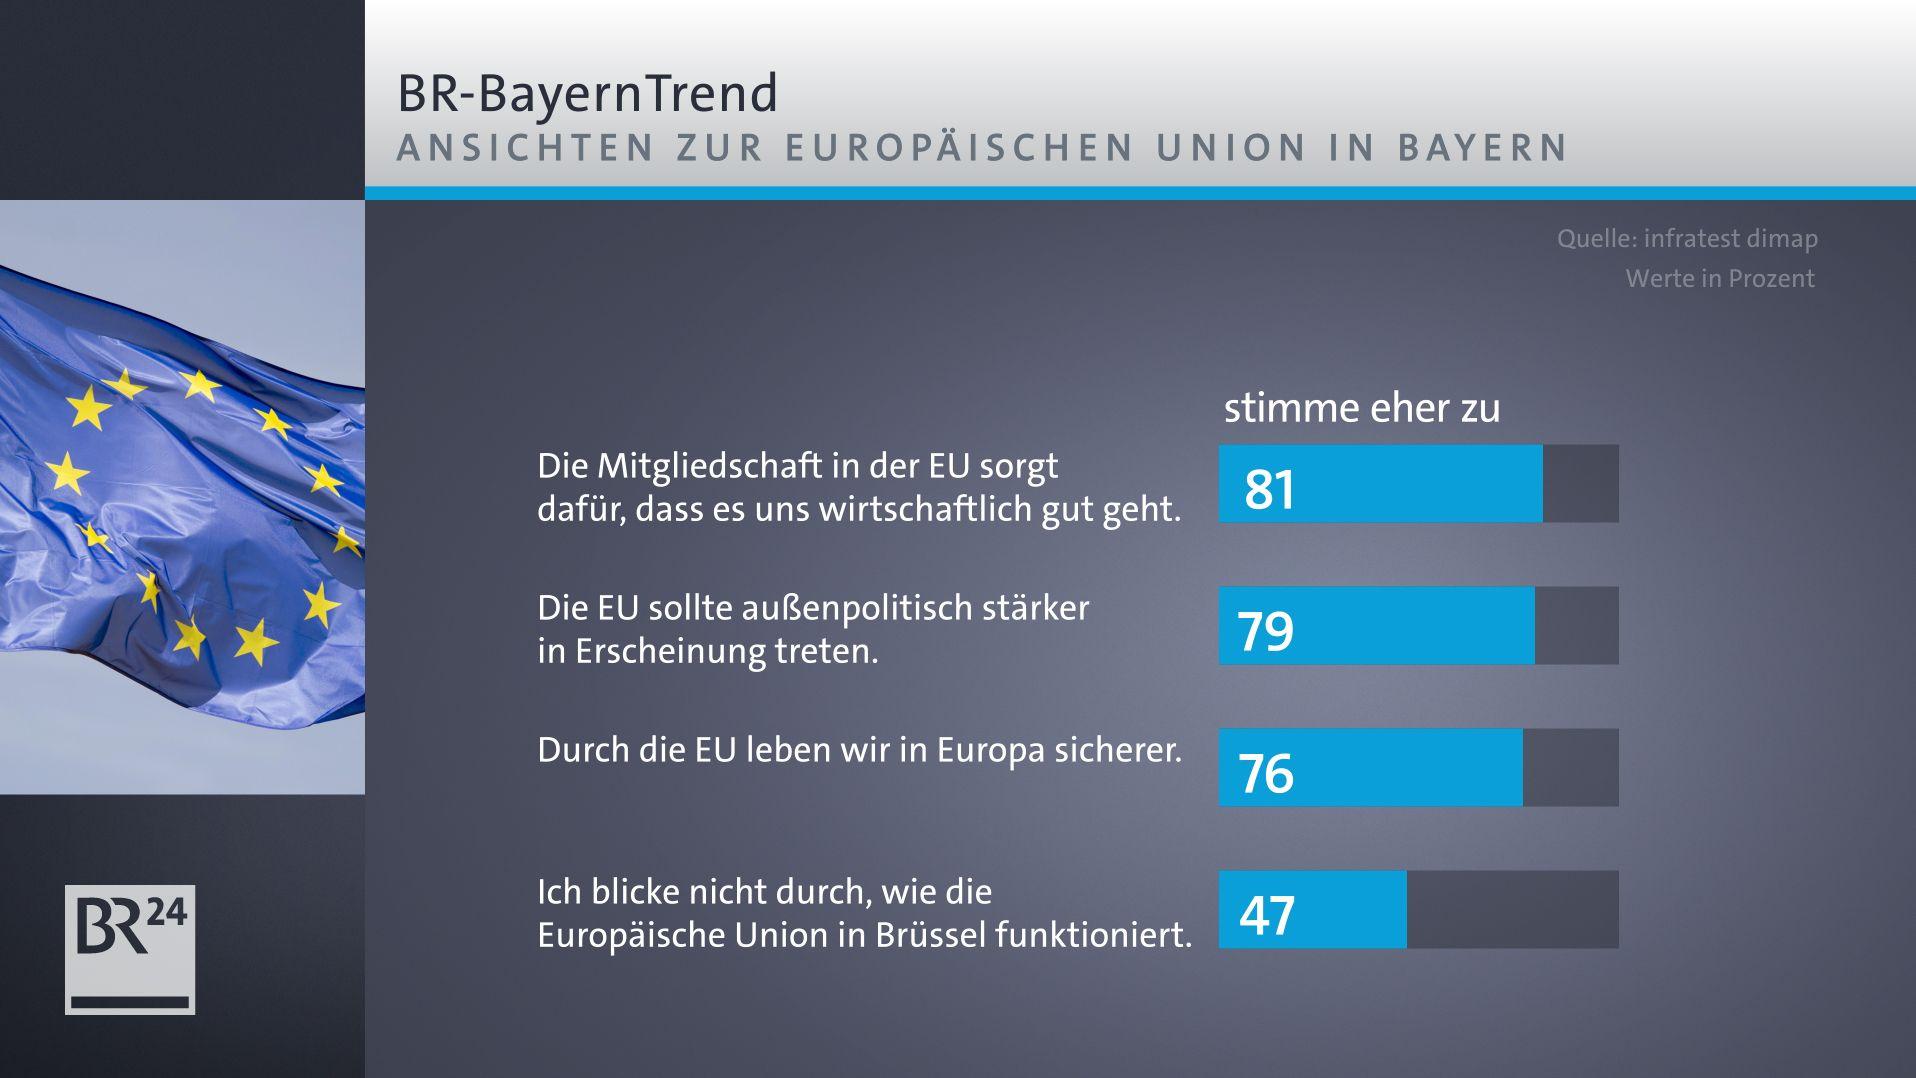 BayernTrend: Ansichten zur EU in Bayern